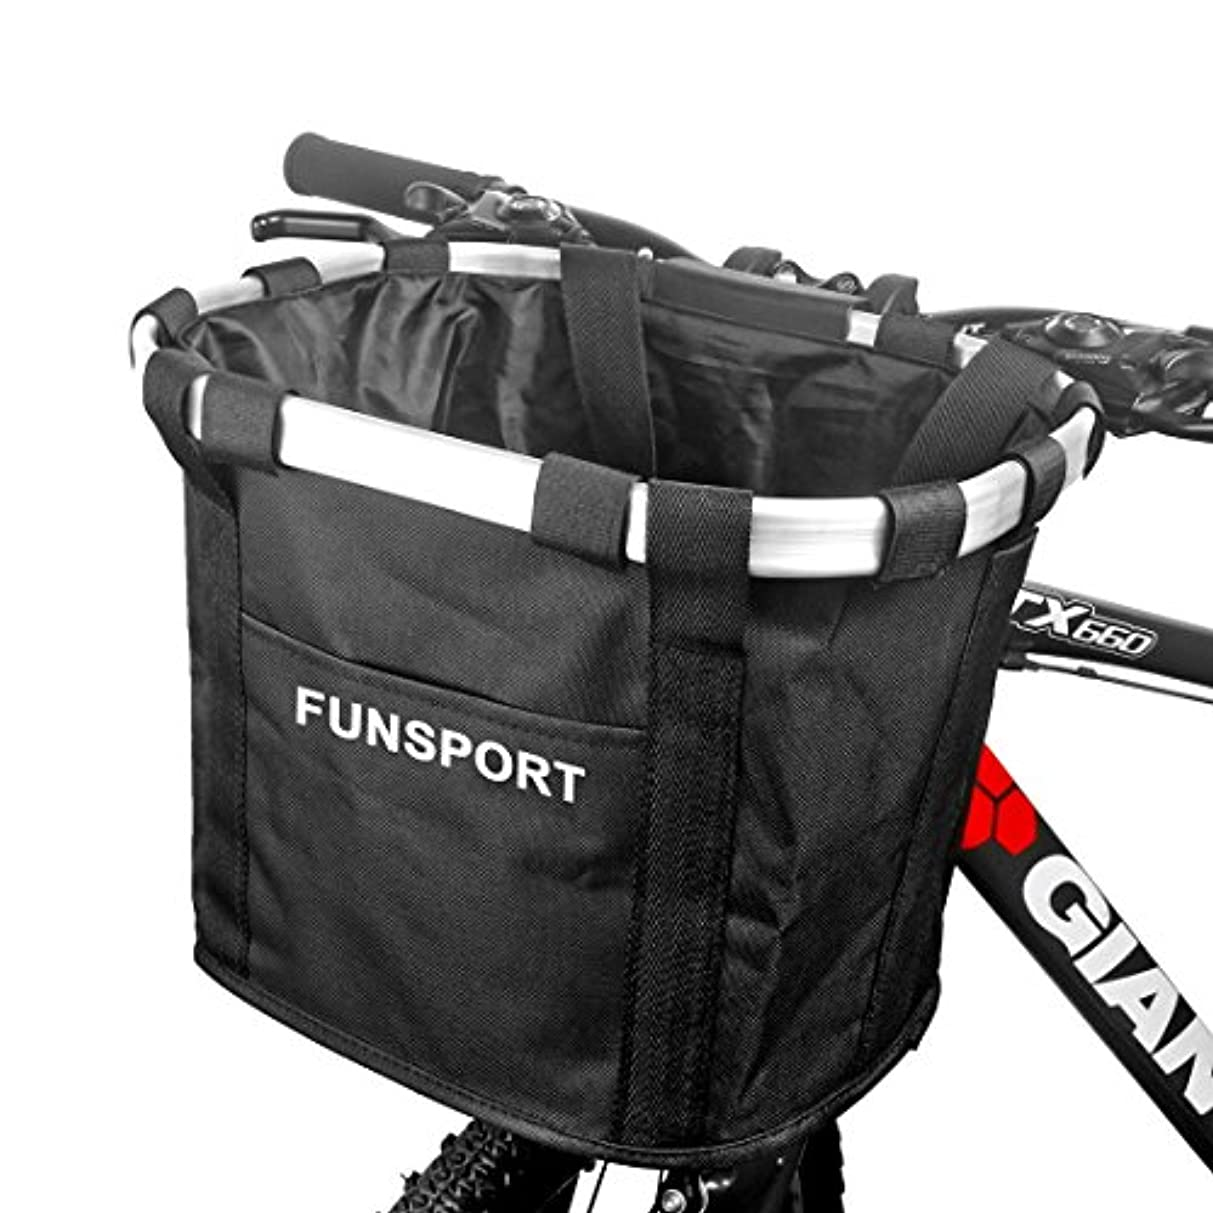 救出初心者レンジFUNSPORT 自転車カゴ 前 バスケット 折り畳み 脱着 サイクリング バッグ 小径車に最適